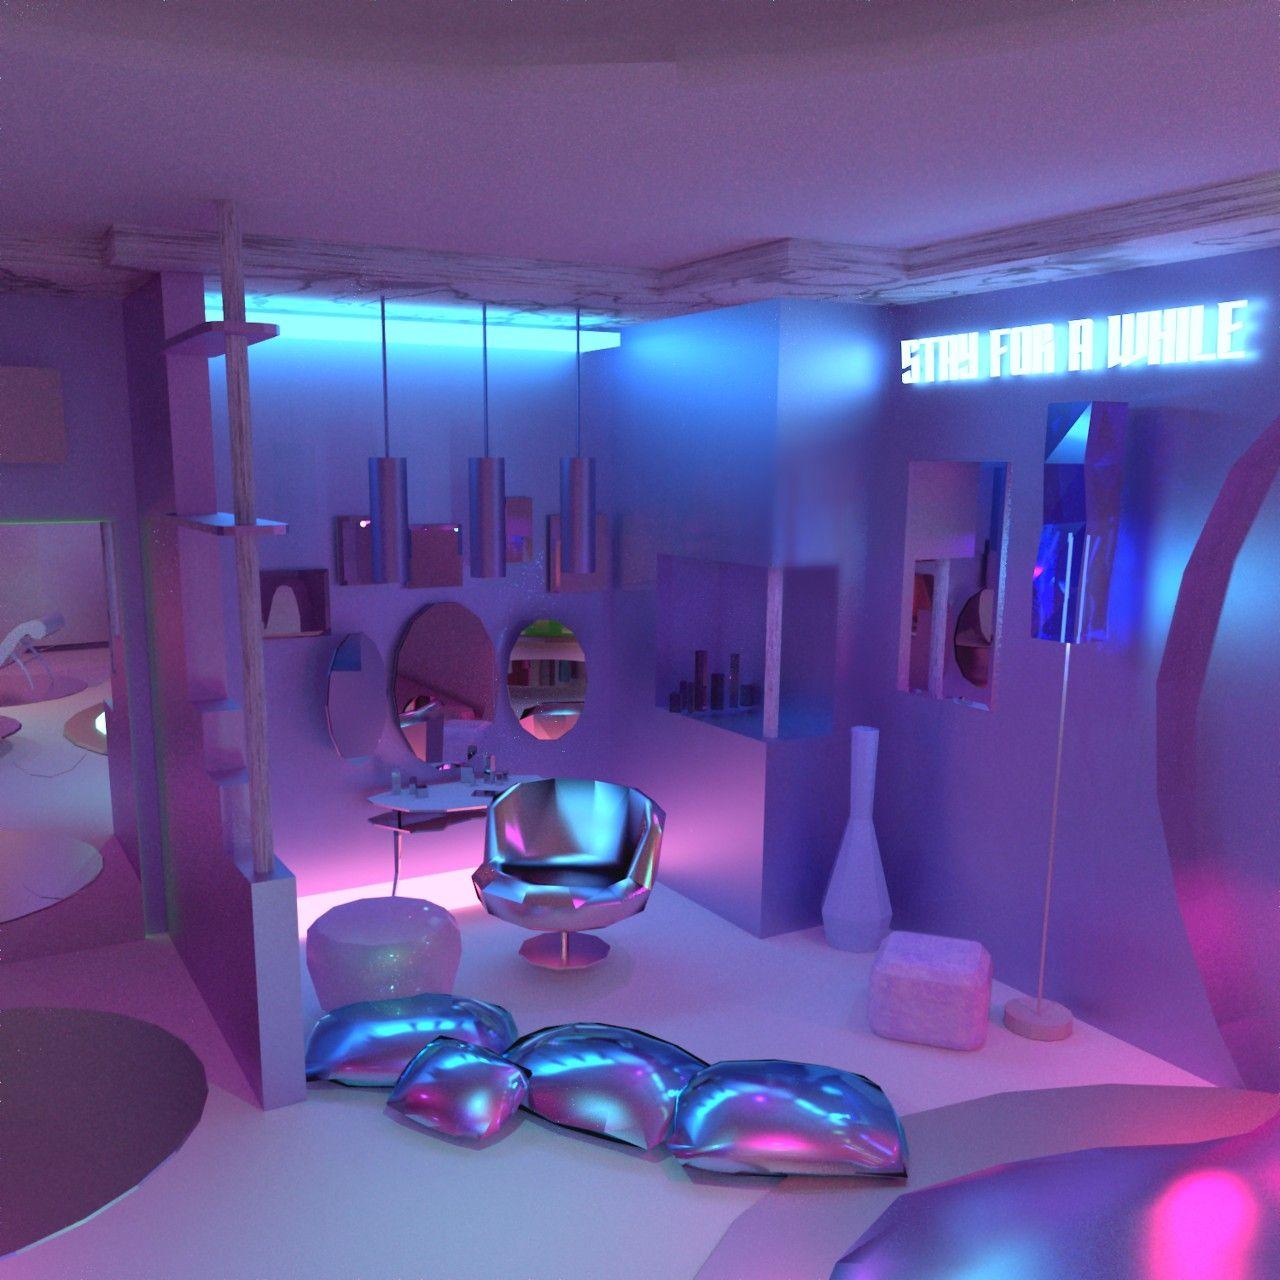 Hermoso | Habitación de neón, Diseños de dormitorio de ... on Room Decor Ideas De Cuartos Aesthetic id=63073